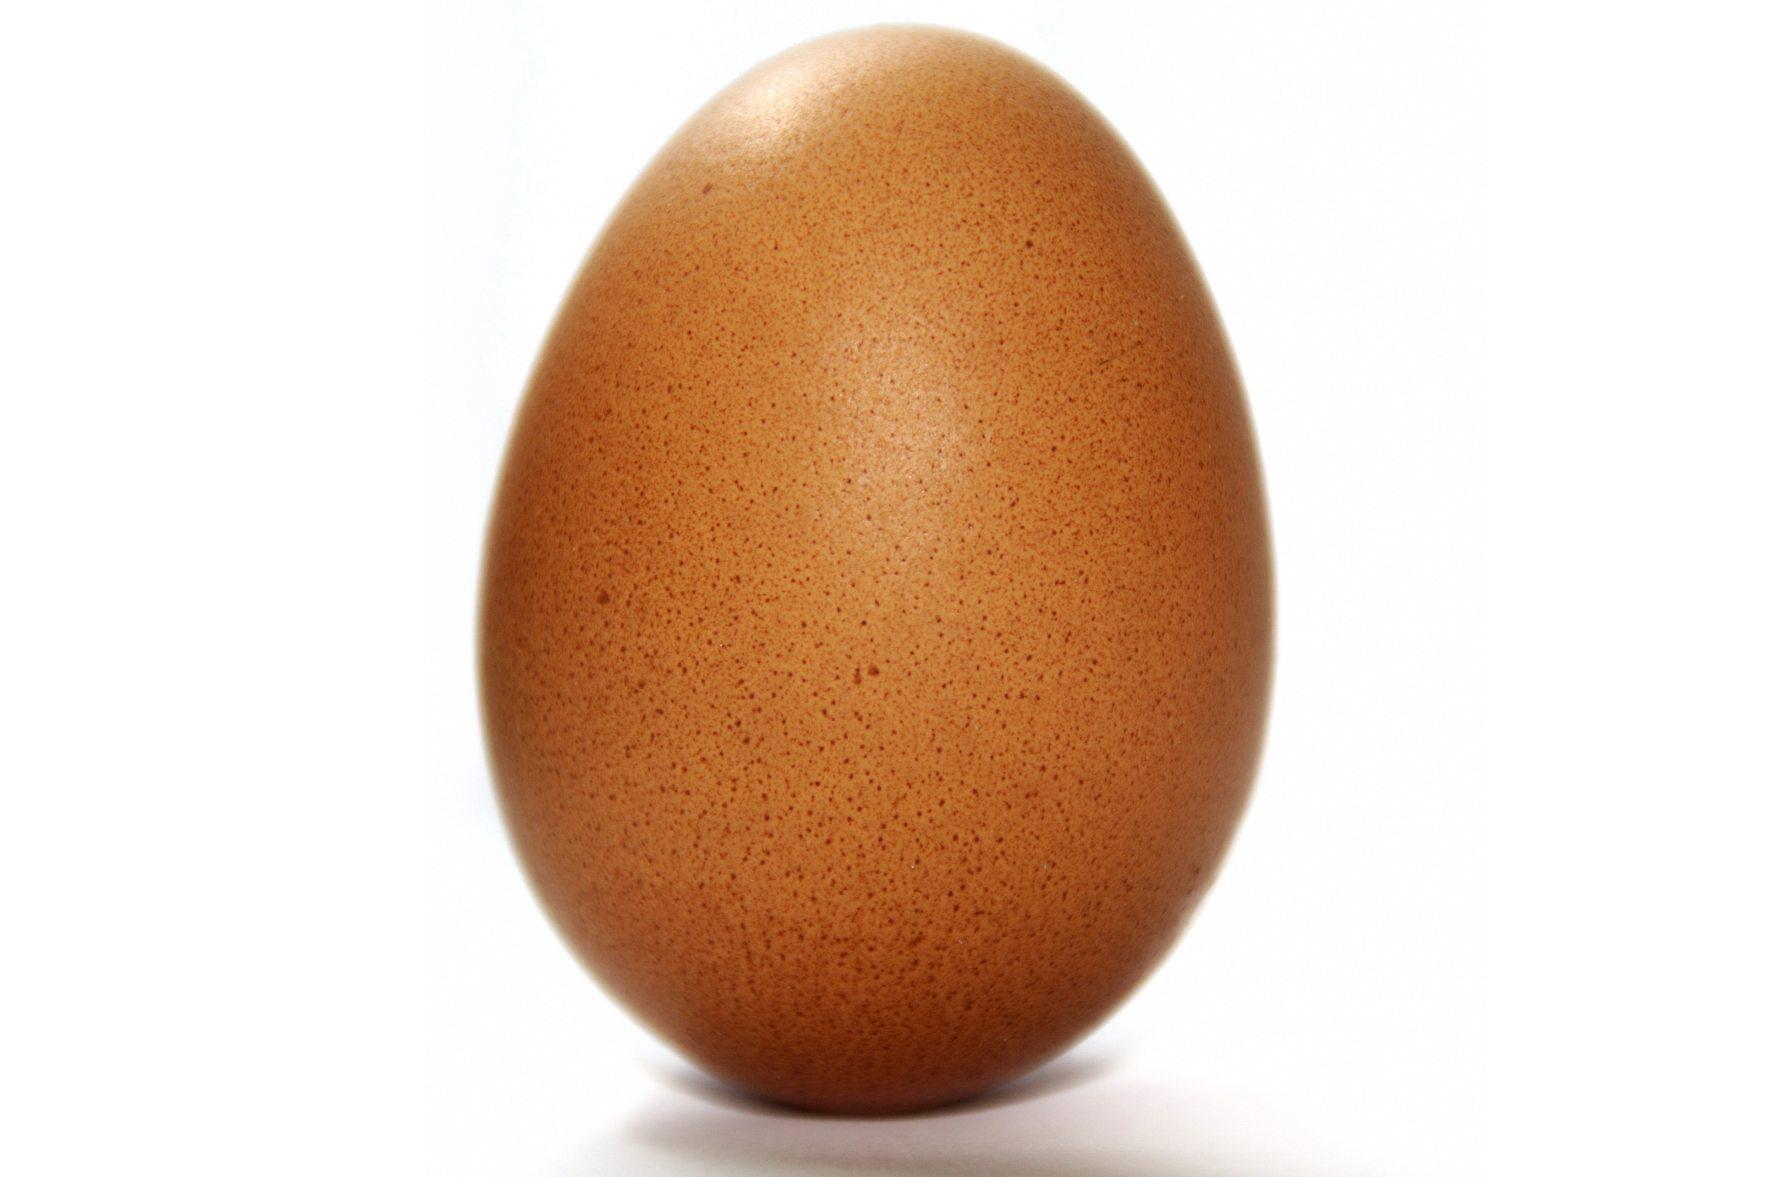 La coquille d'œuf: un mystère à élucider